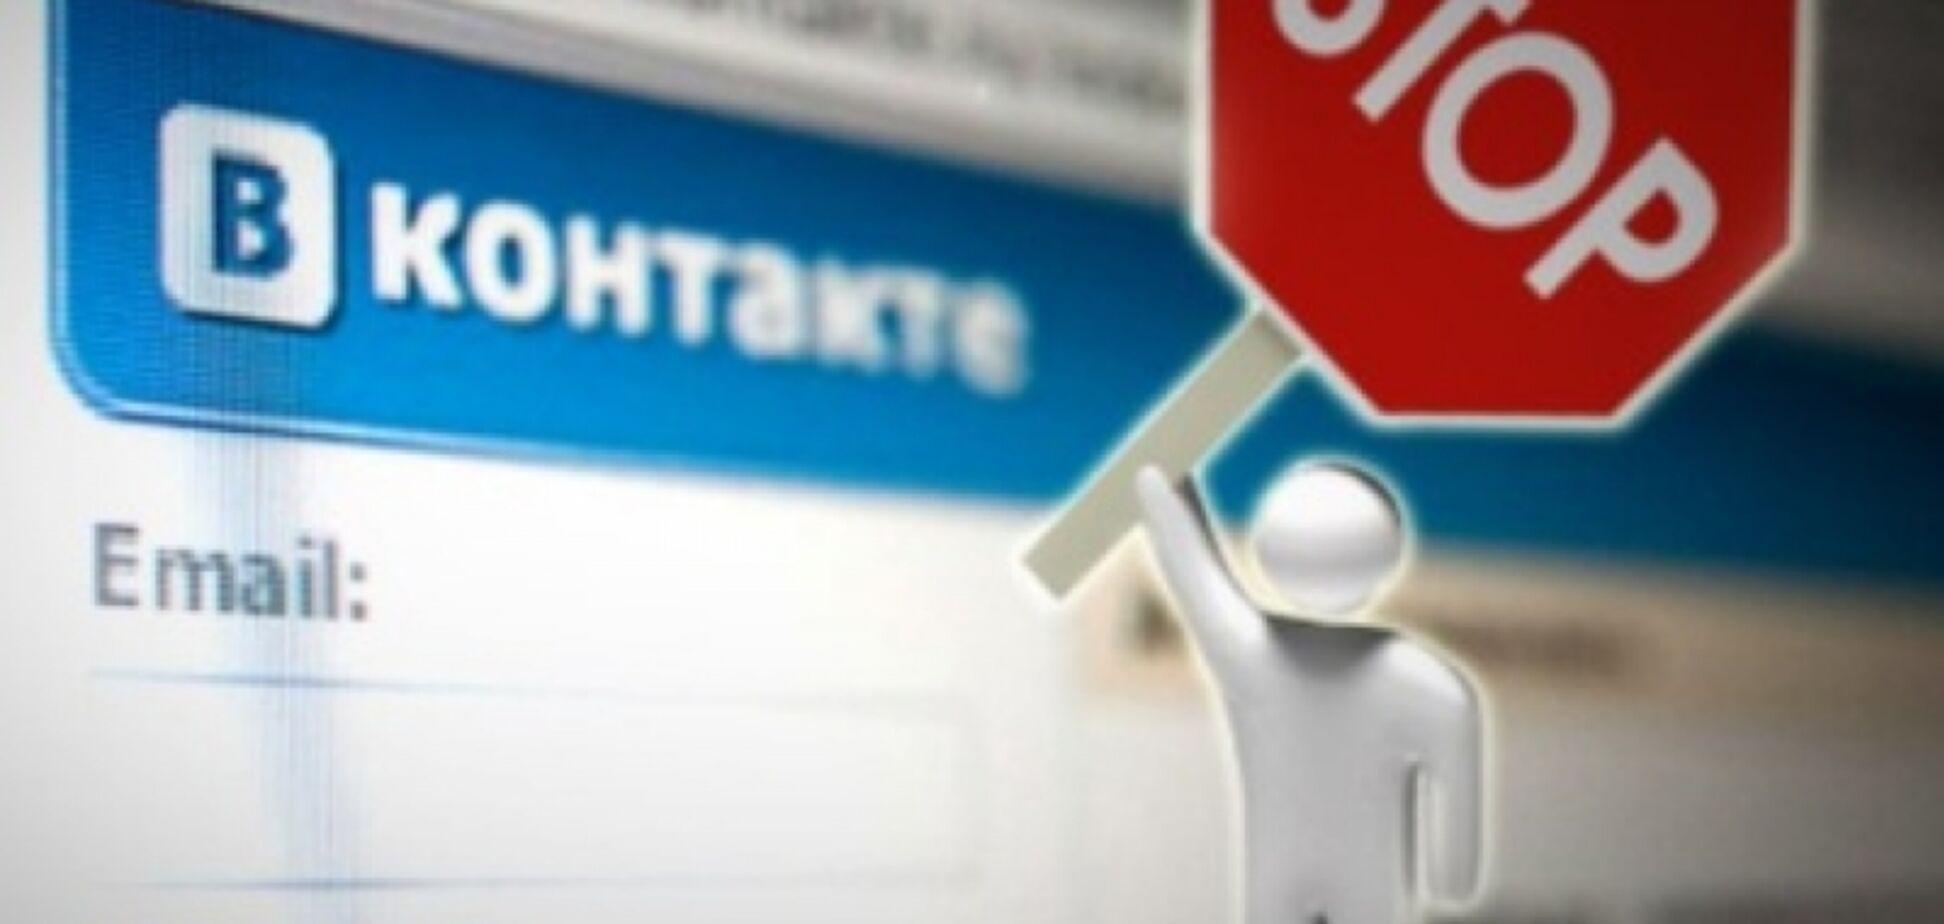 Заборона 'ВКонтакте': у Зеленського висловилися про скасування блокування